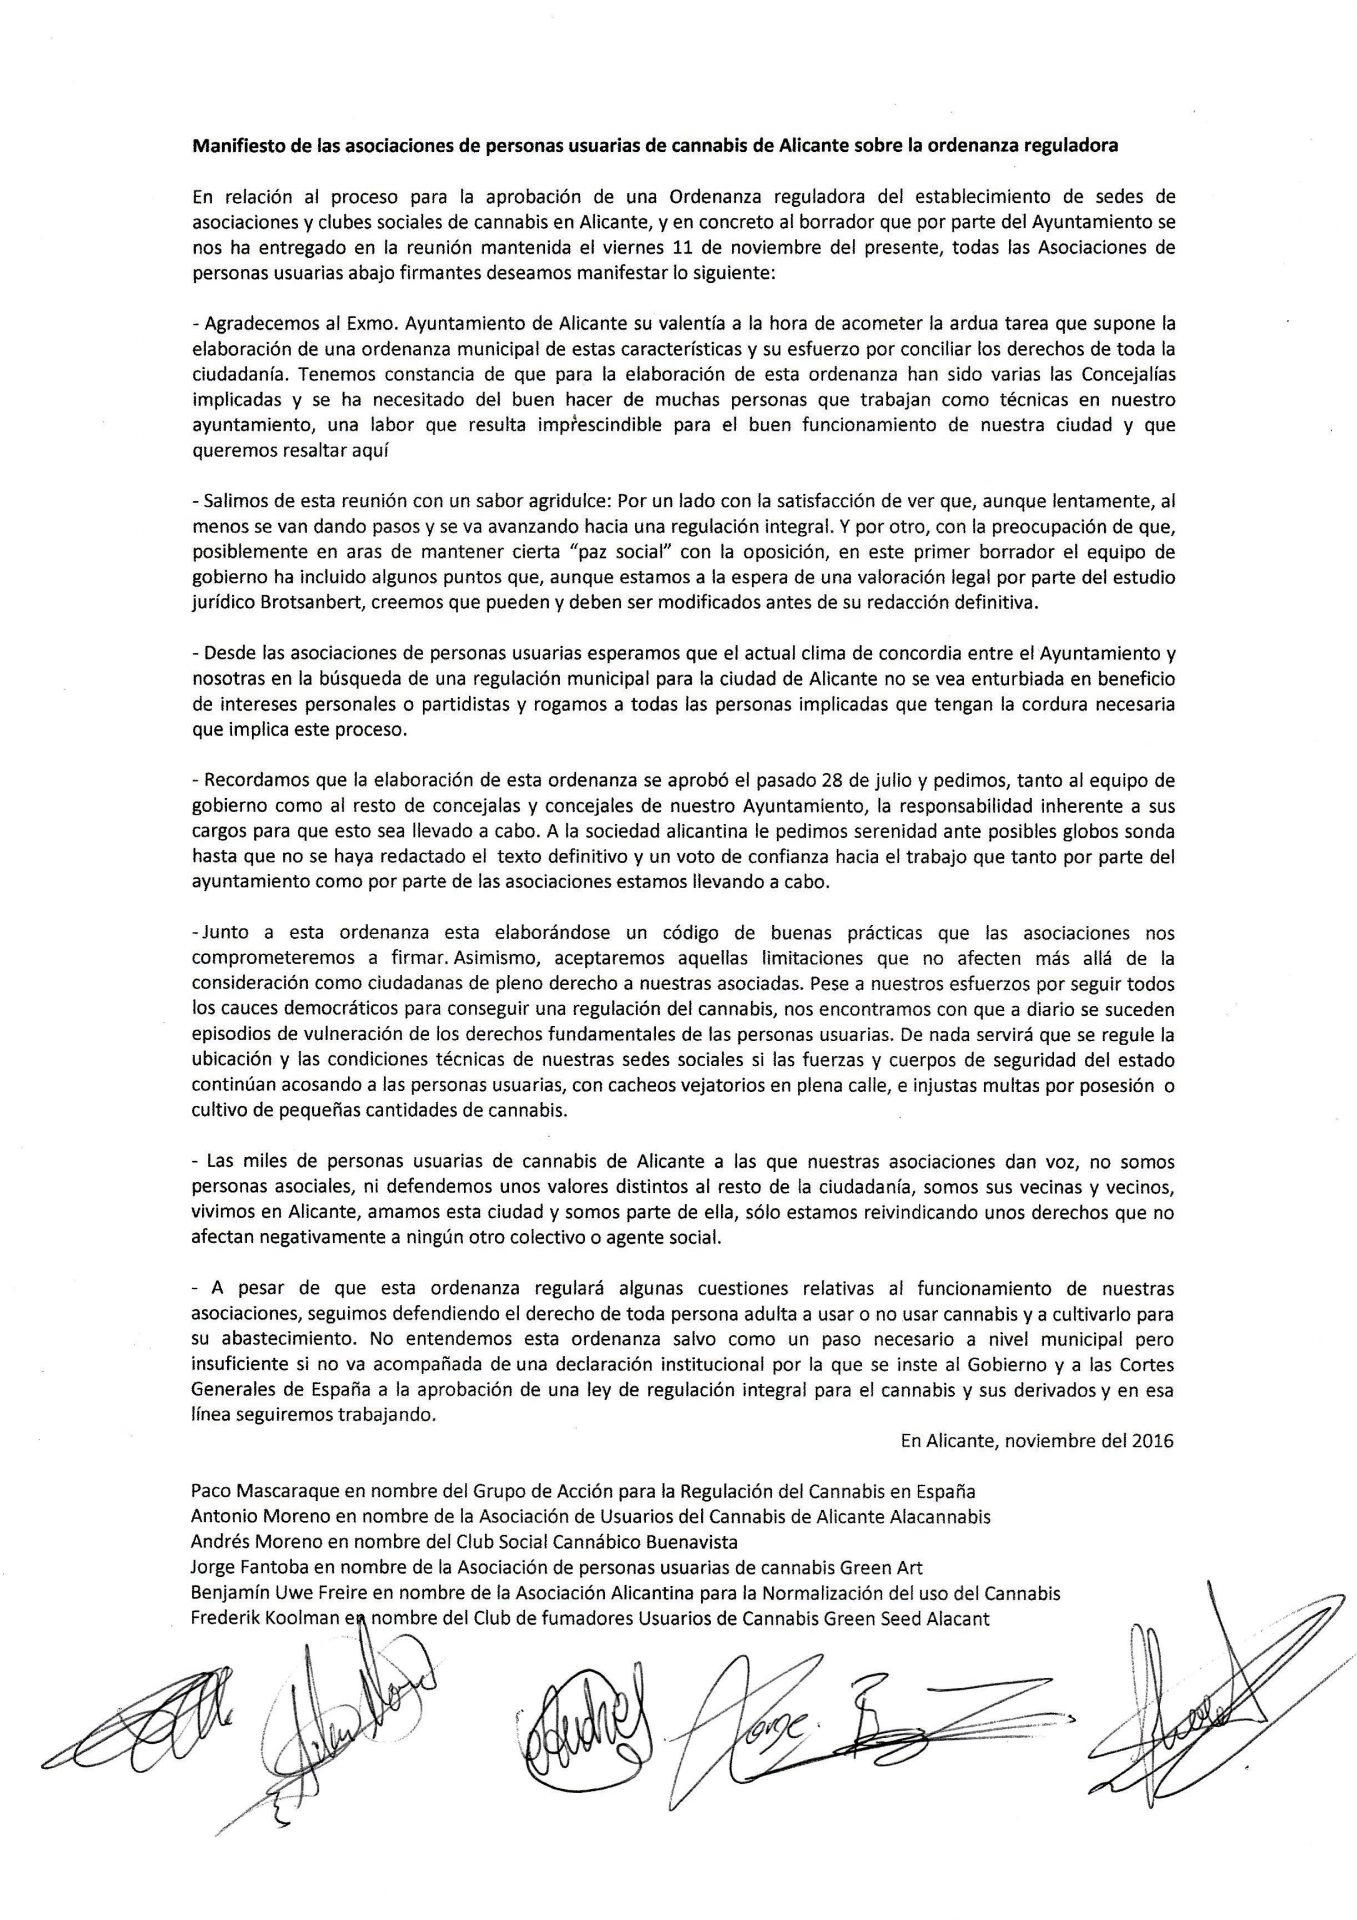 Manifiesto de las asociaciones de Alicante sobre la ordenanza reguladora de clubes de cannabis 1